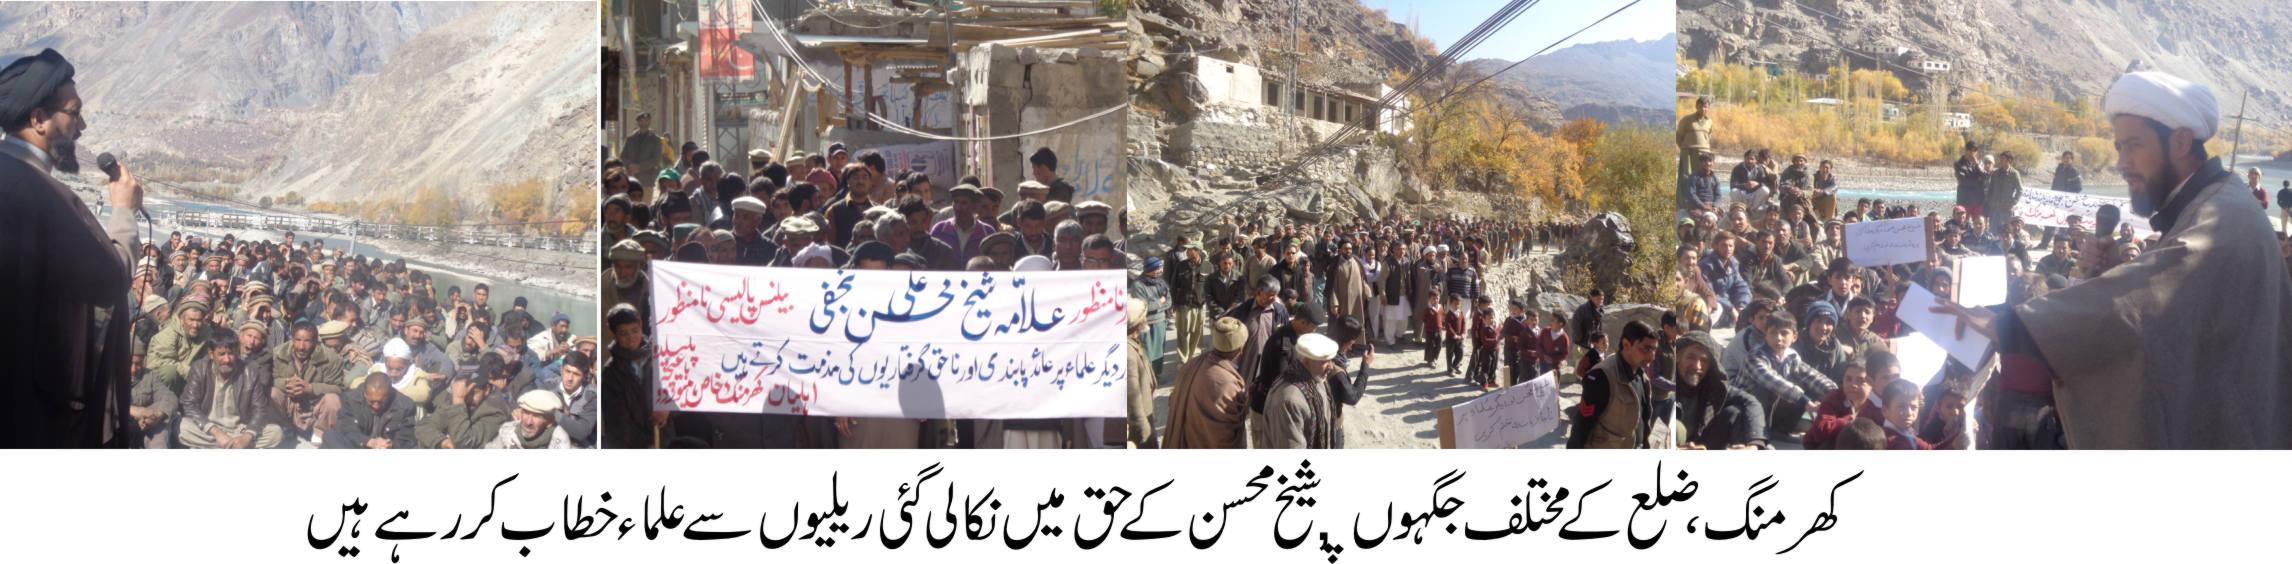 کھرمنگ، شیخ محسن نجفی کے حق میں یوم احتجاج منایا گیا، شیڈول فور سے نکالنے کا مطالبہ